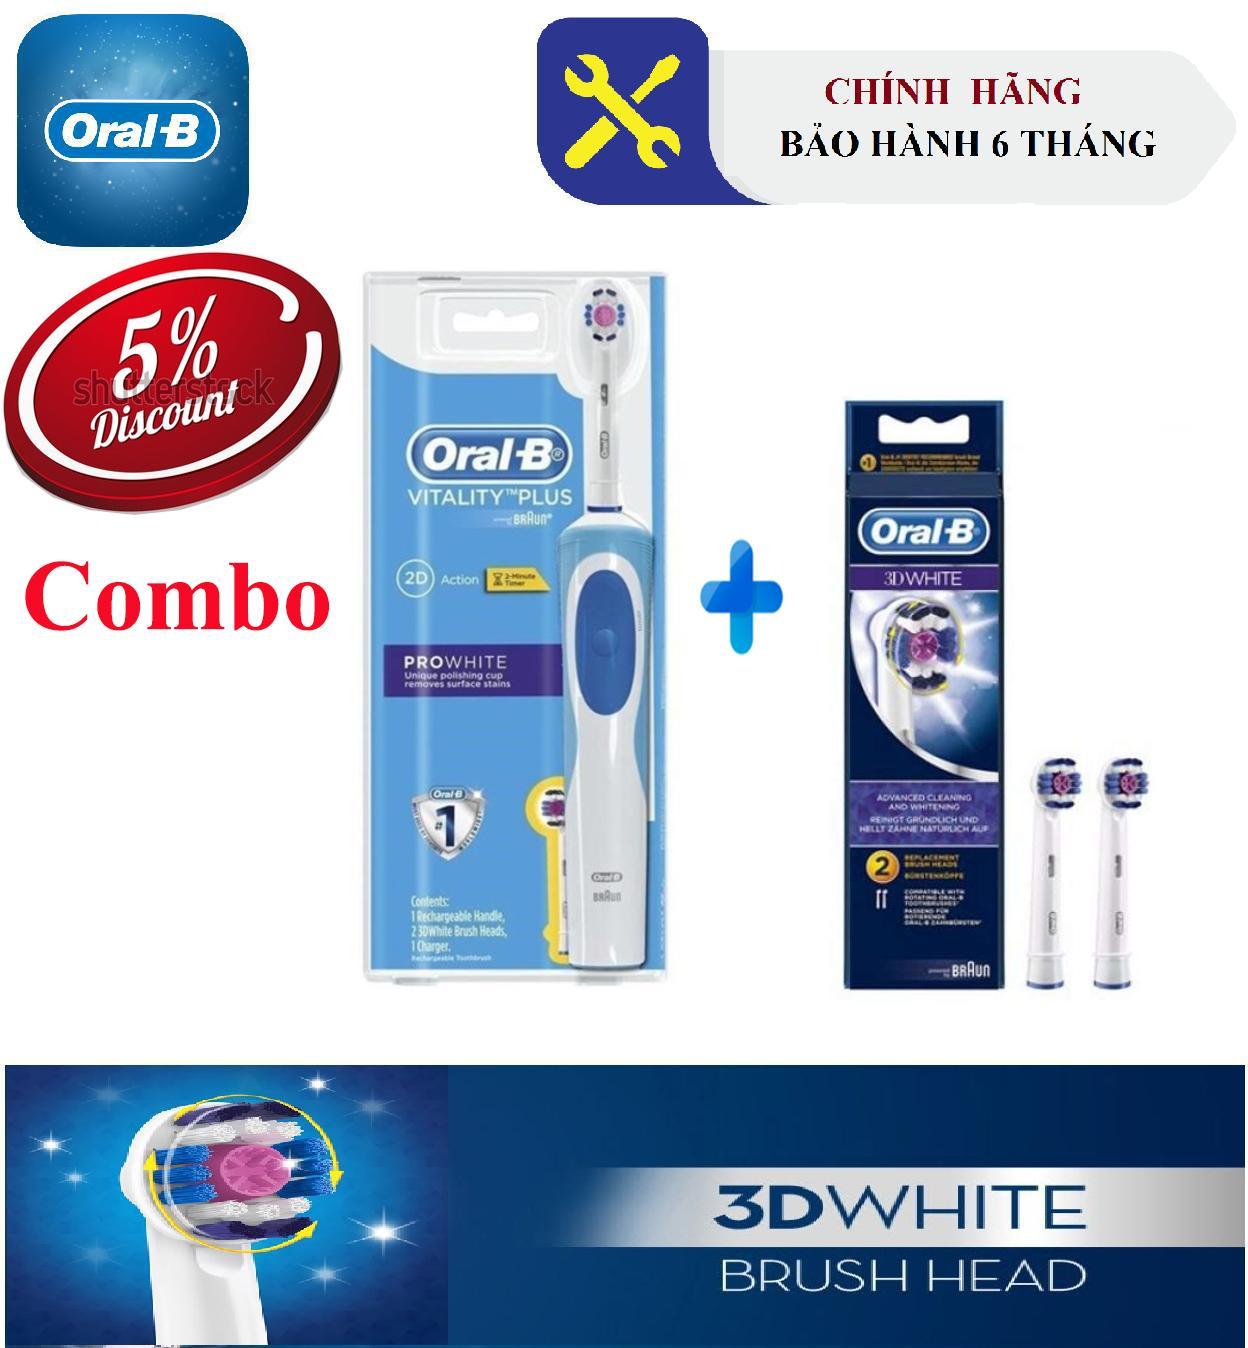 Combo Bàn chải đánh răng Oral-B Pro White (Bảo hành 6 tháng) + Bộ 2 đầu Oral-B 3D White